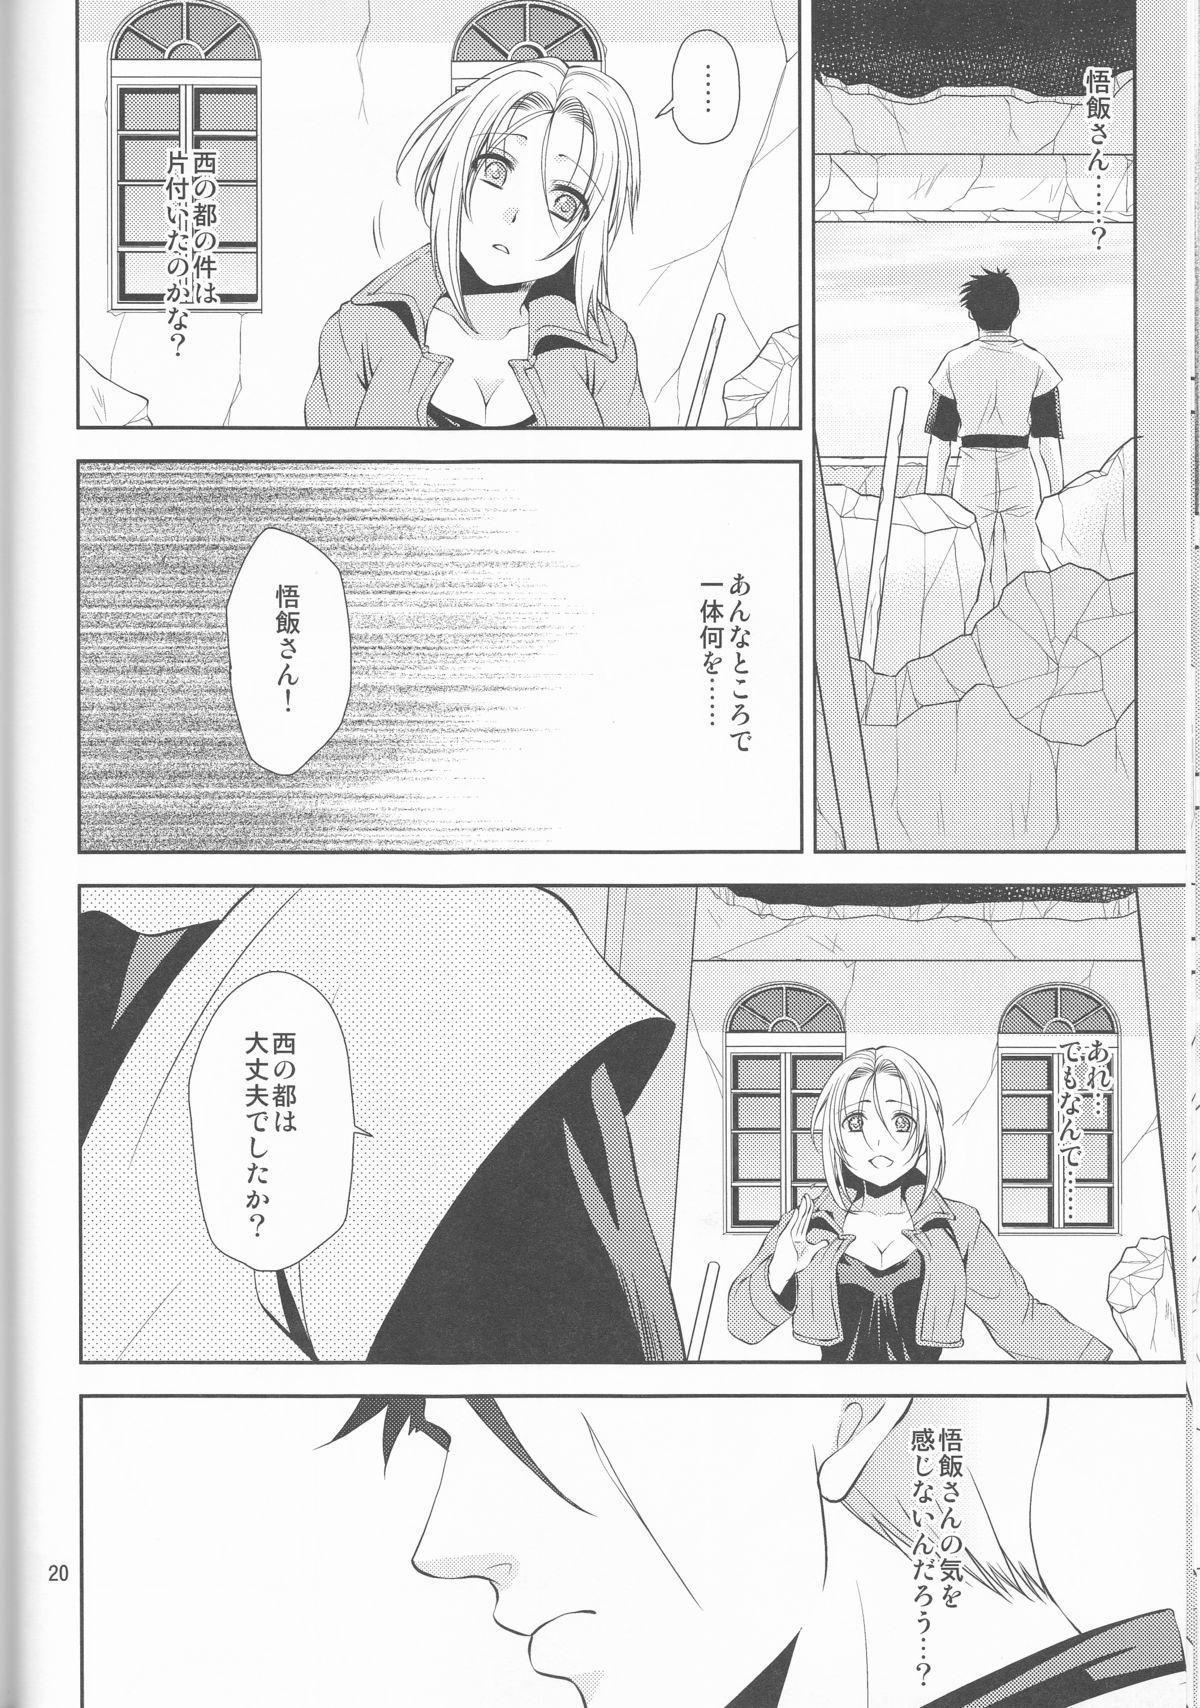 Soshite Boku wa Sono Suisen ni Miirareta. 19